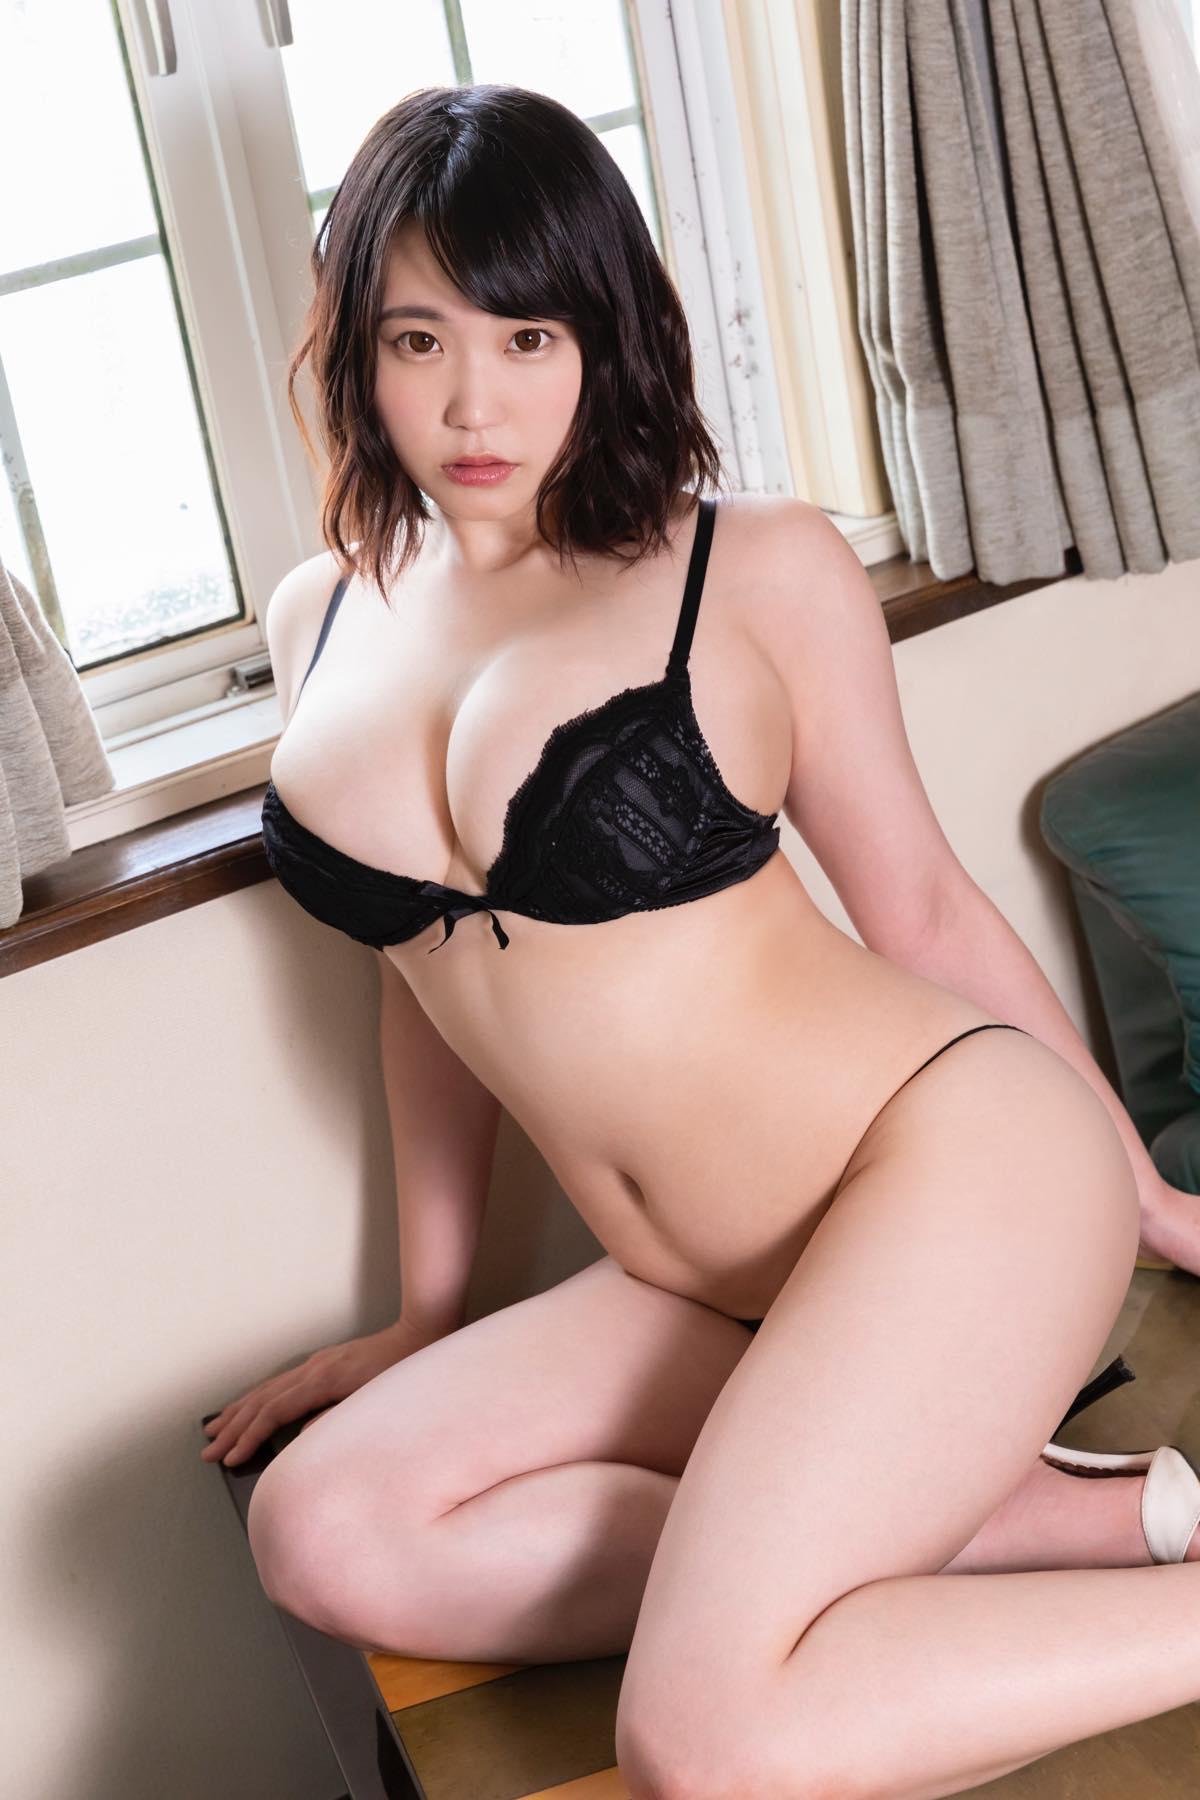 桜木こなみ「ぷにぷに弾けるボディ」妹系美女のバストはGカップ【画像12枚】の画像006